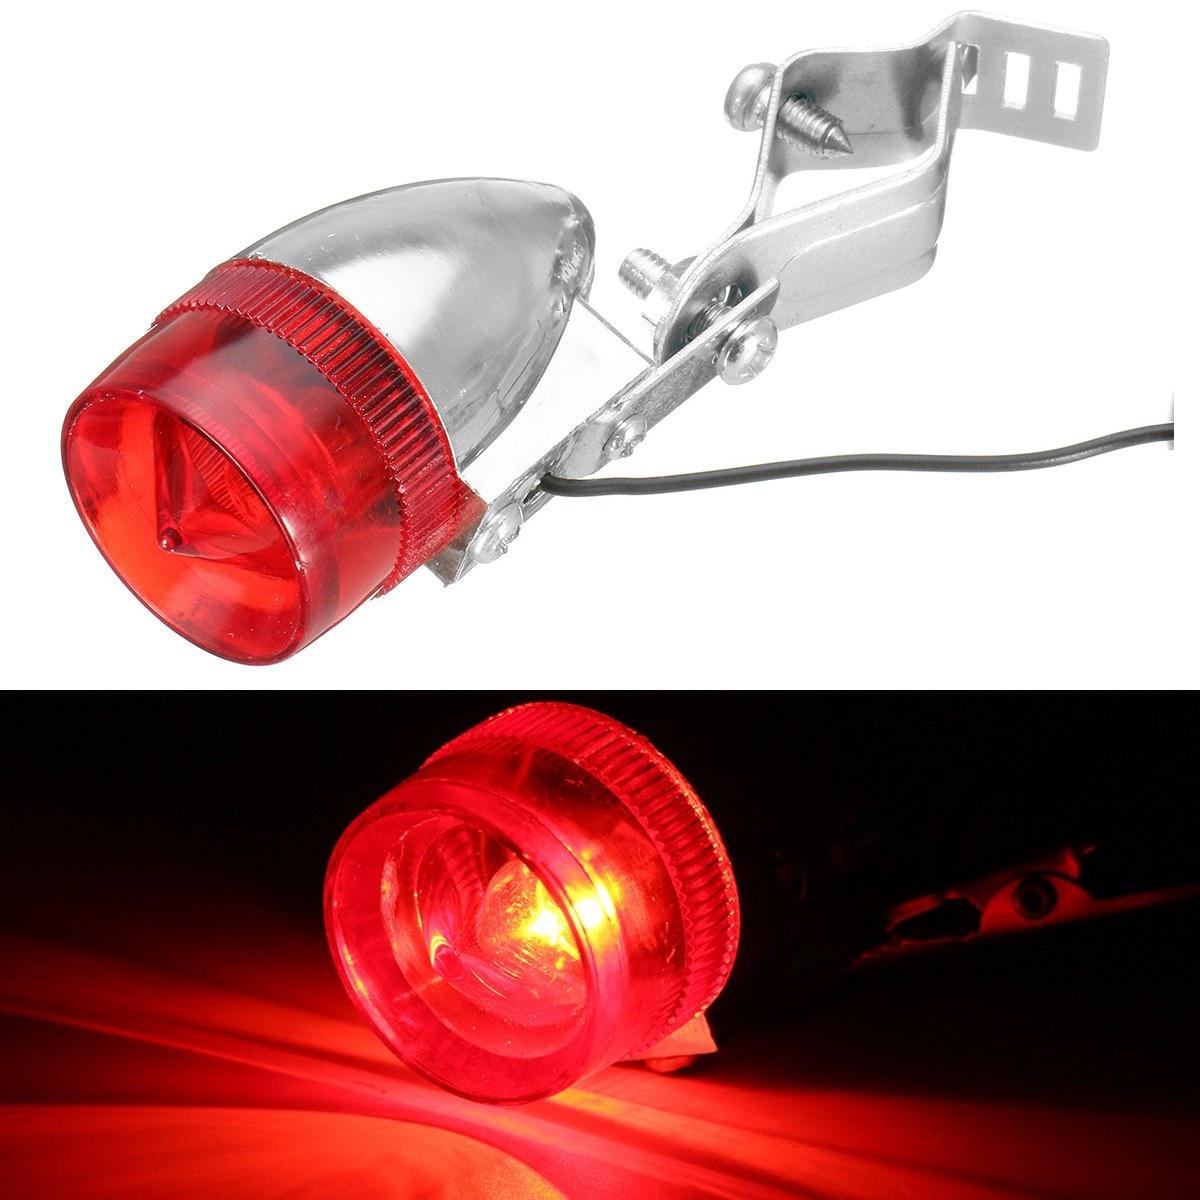 Классический Ретро велосипед задний светодиодный индикатор Красный световой кабель держатель Кронштейн автомобиля ATV задний фонарь Лампа